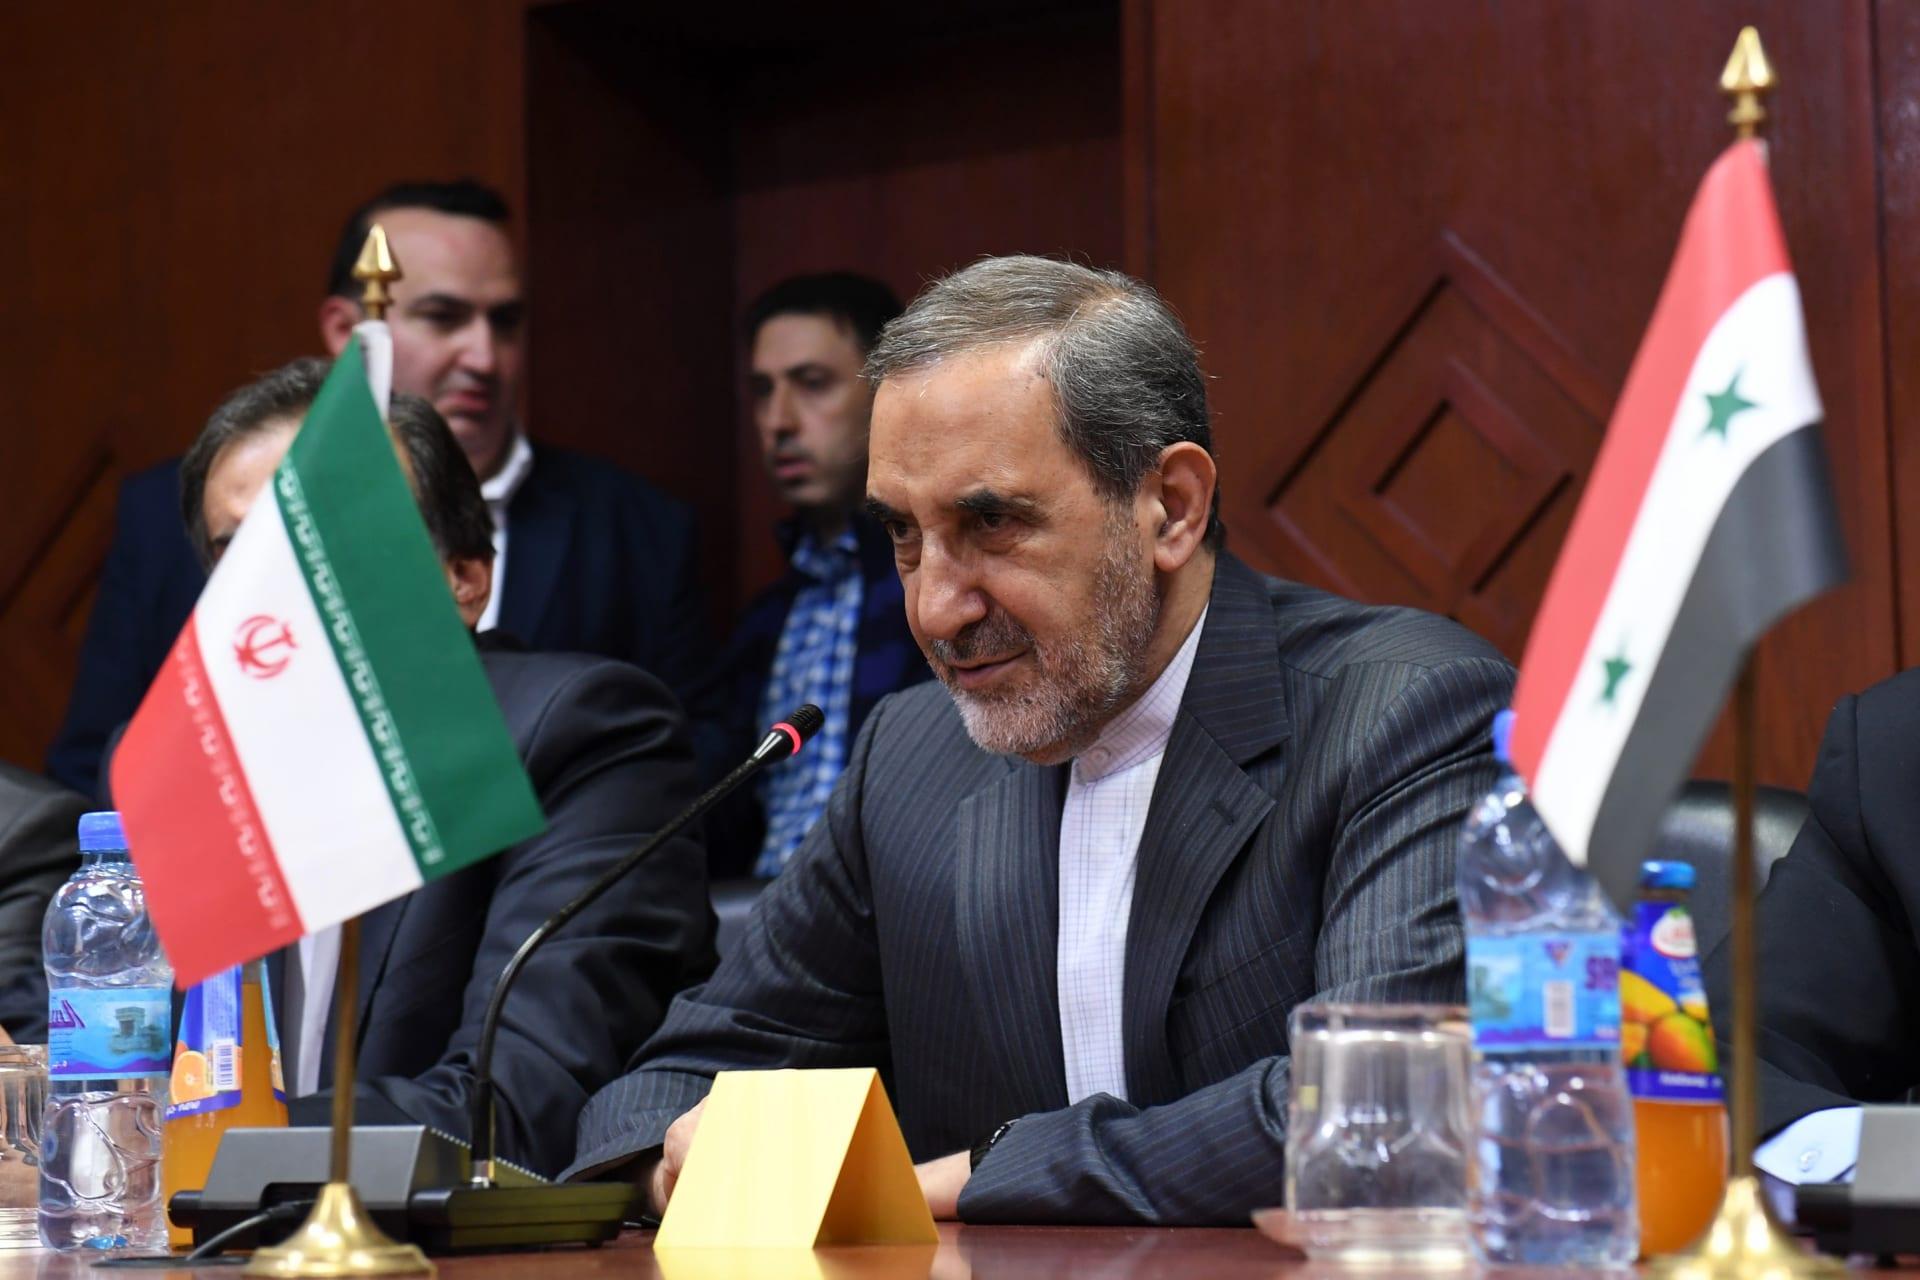 مستشار خامنئي: إن طلبت منا بغداد ودمشق المغادرة فسنفعل